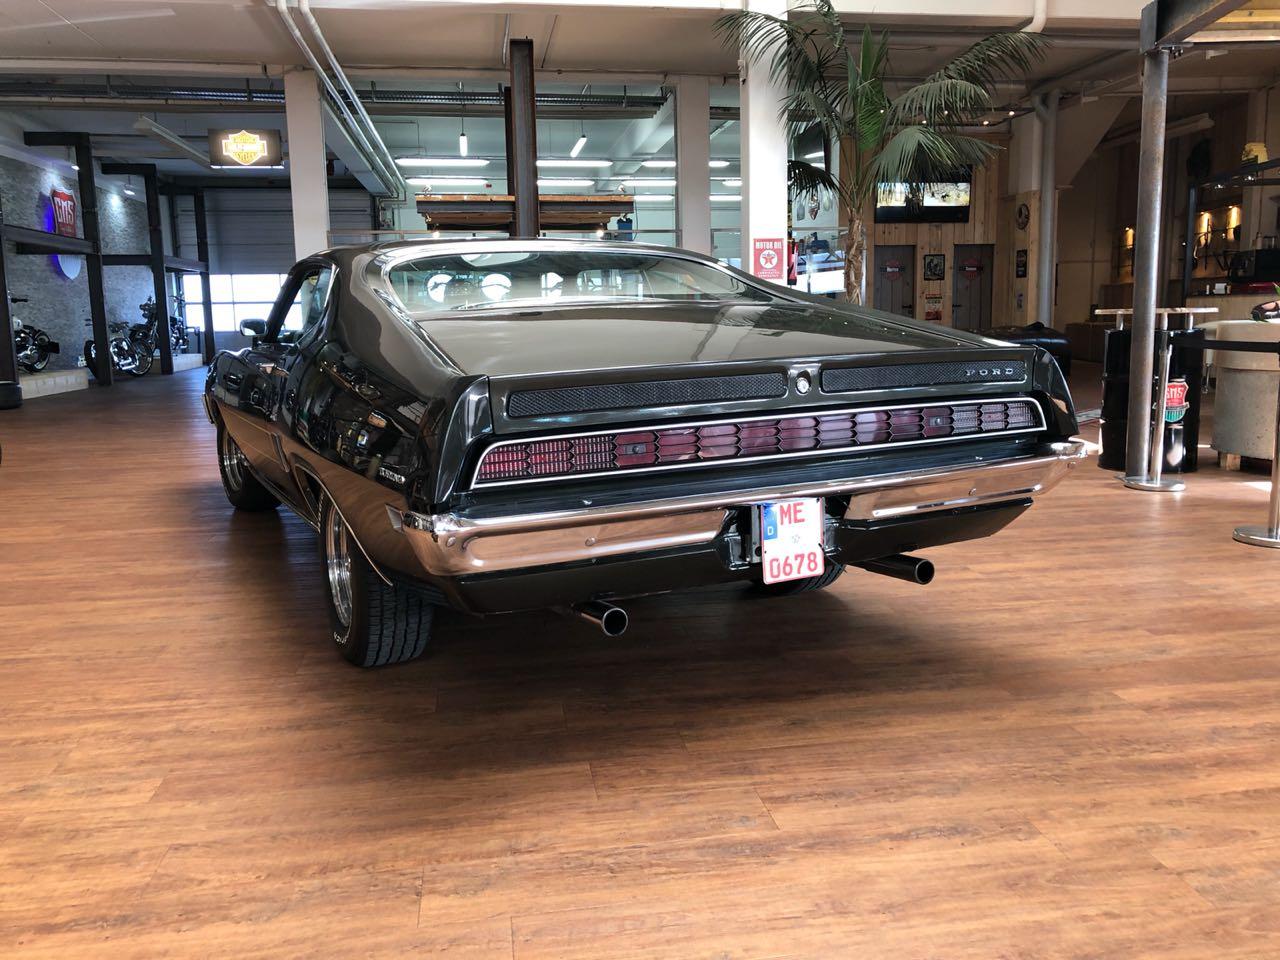 1 of 6 - 1969 Ford Torino GT Fastback - Classic Mobile Schettler